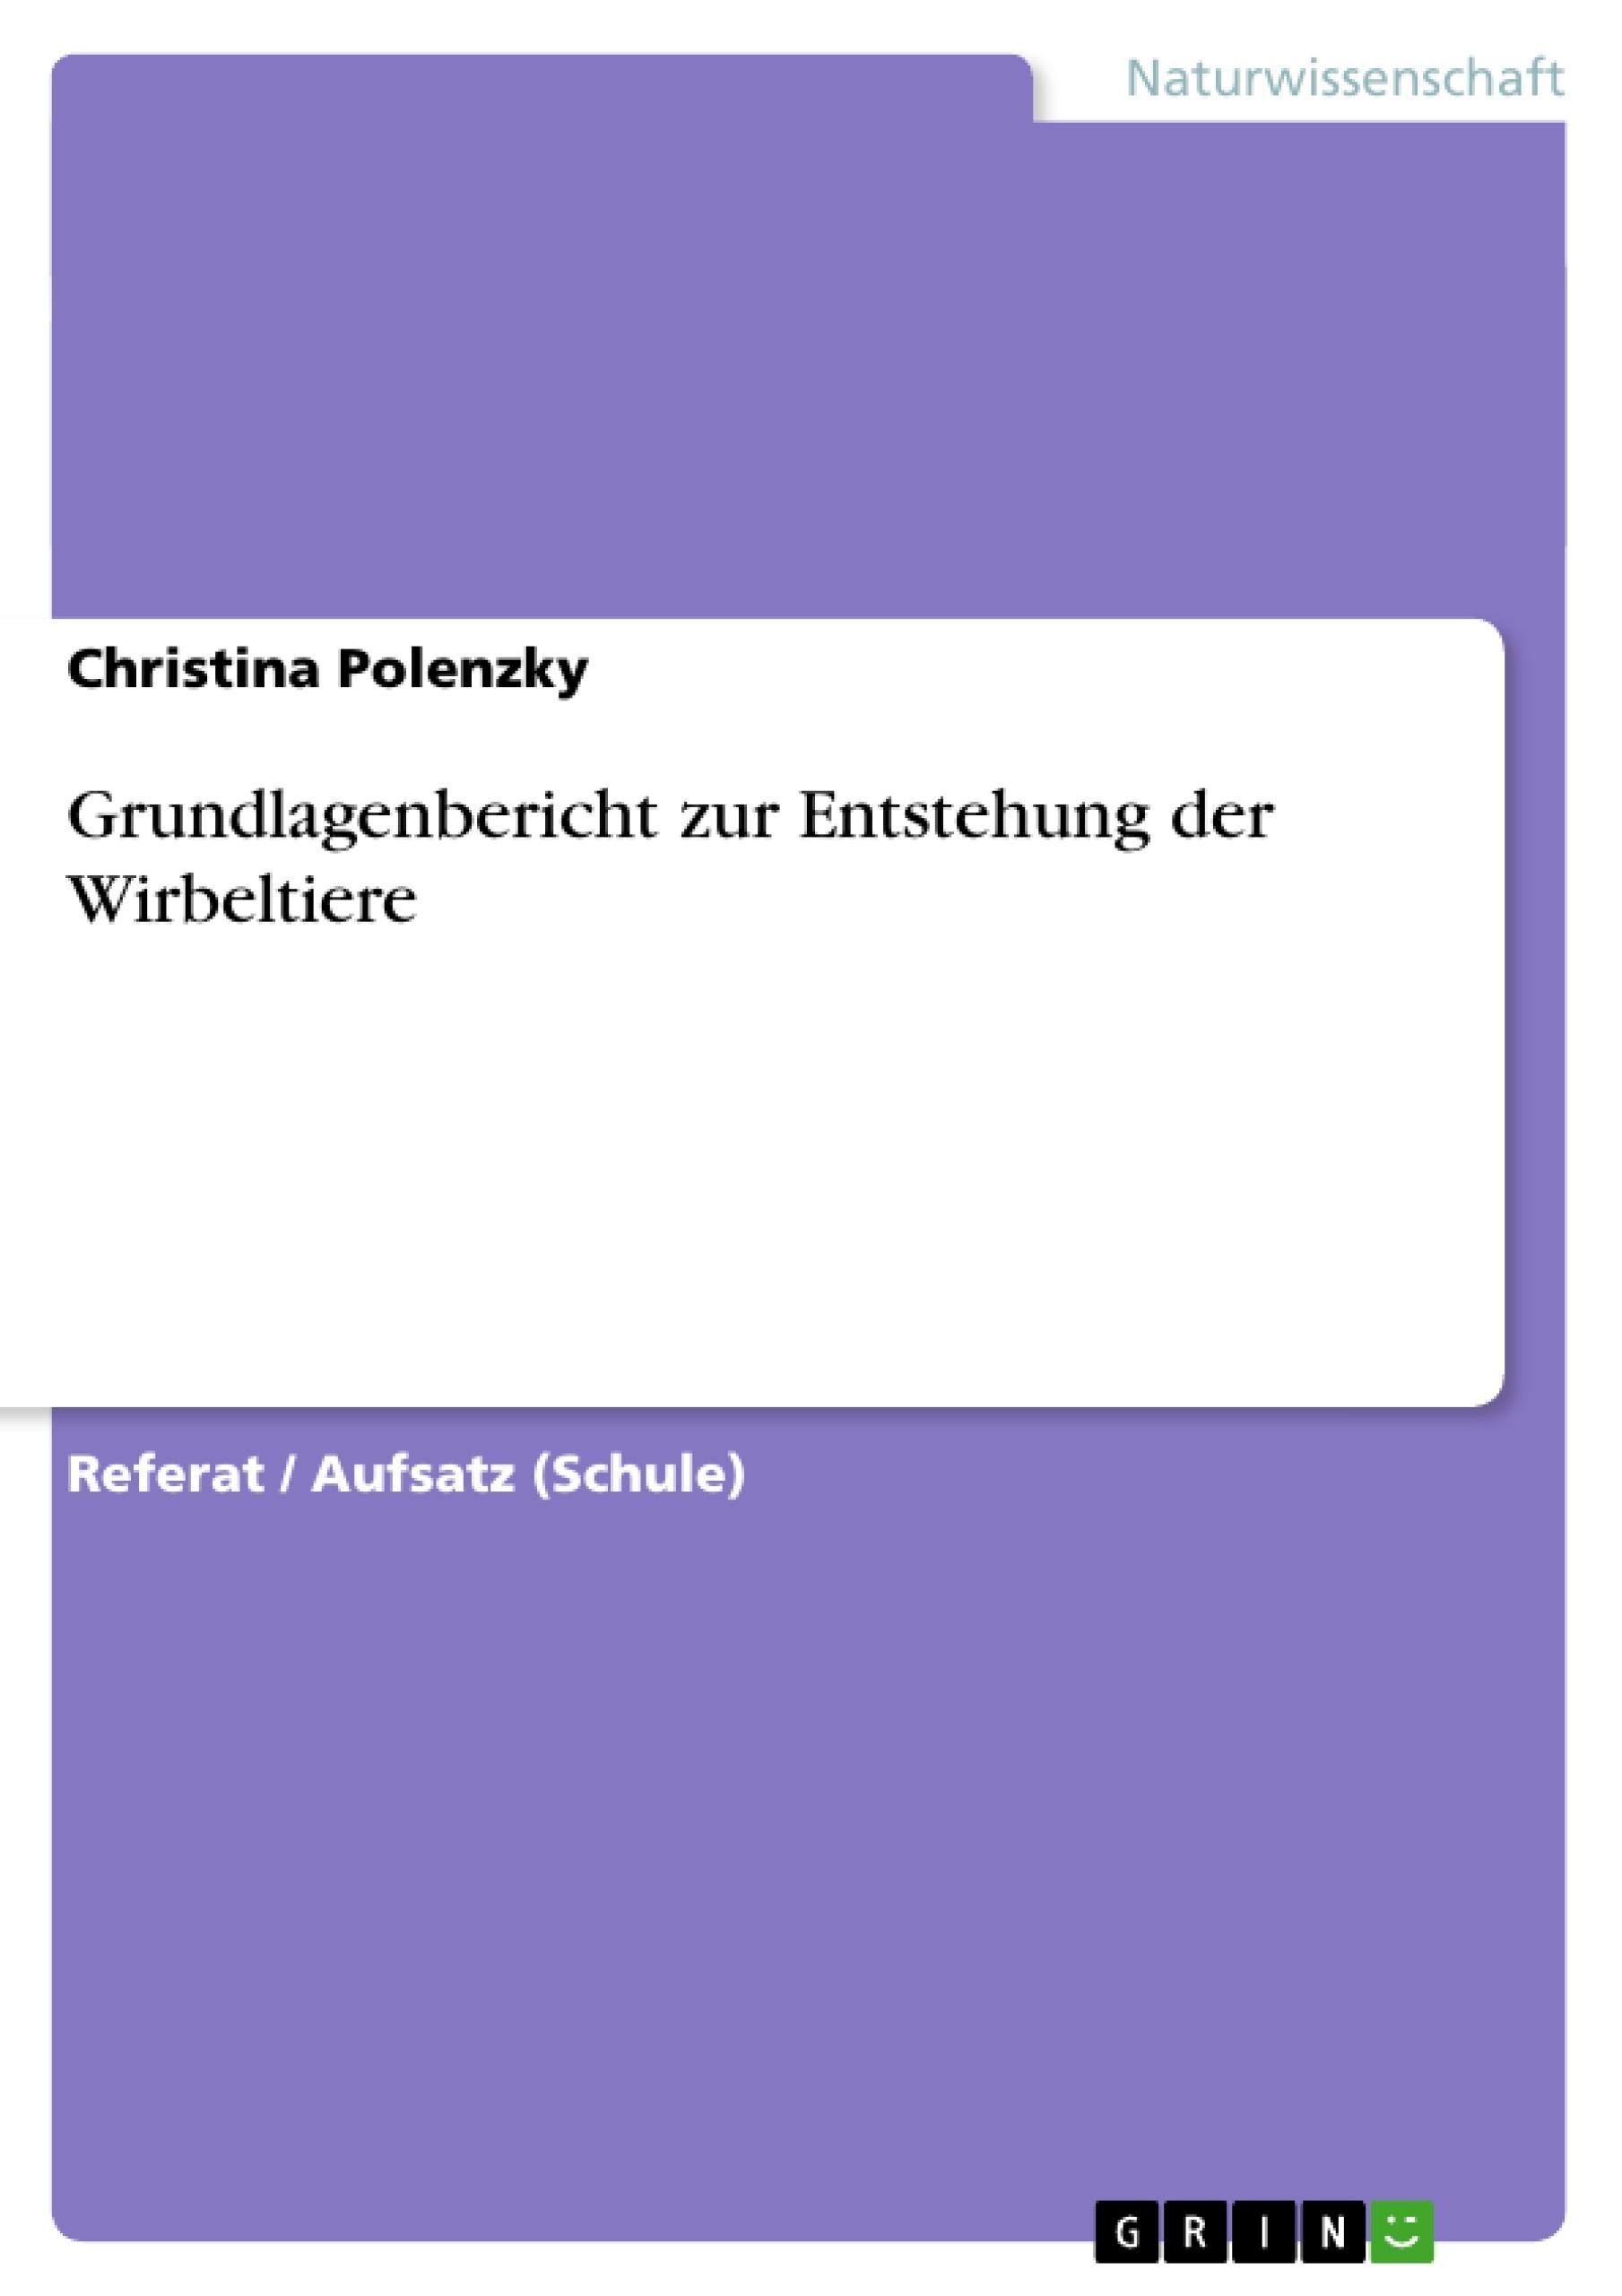 Titel: Grundlagenbericht zur Entstehung der Wirbeltiere